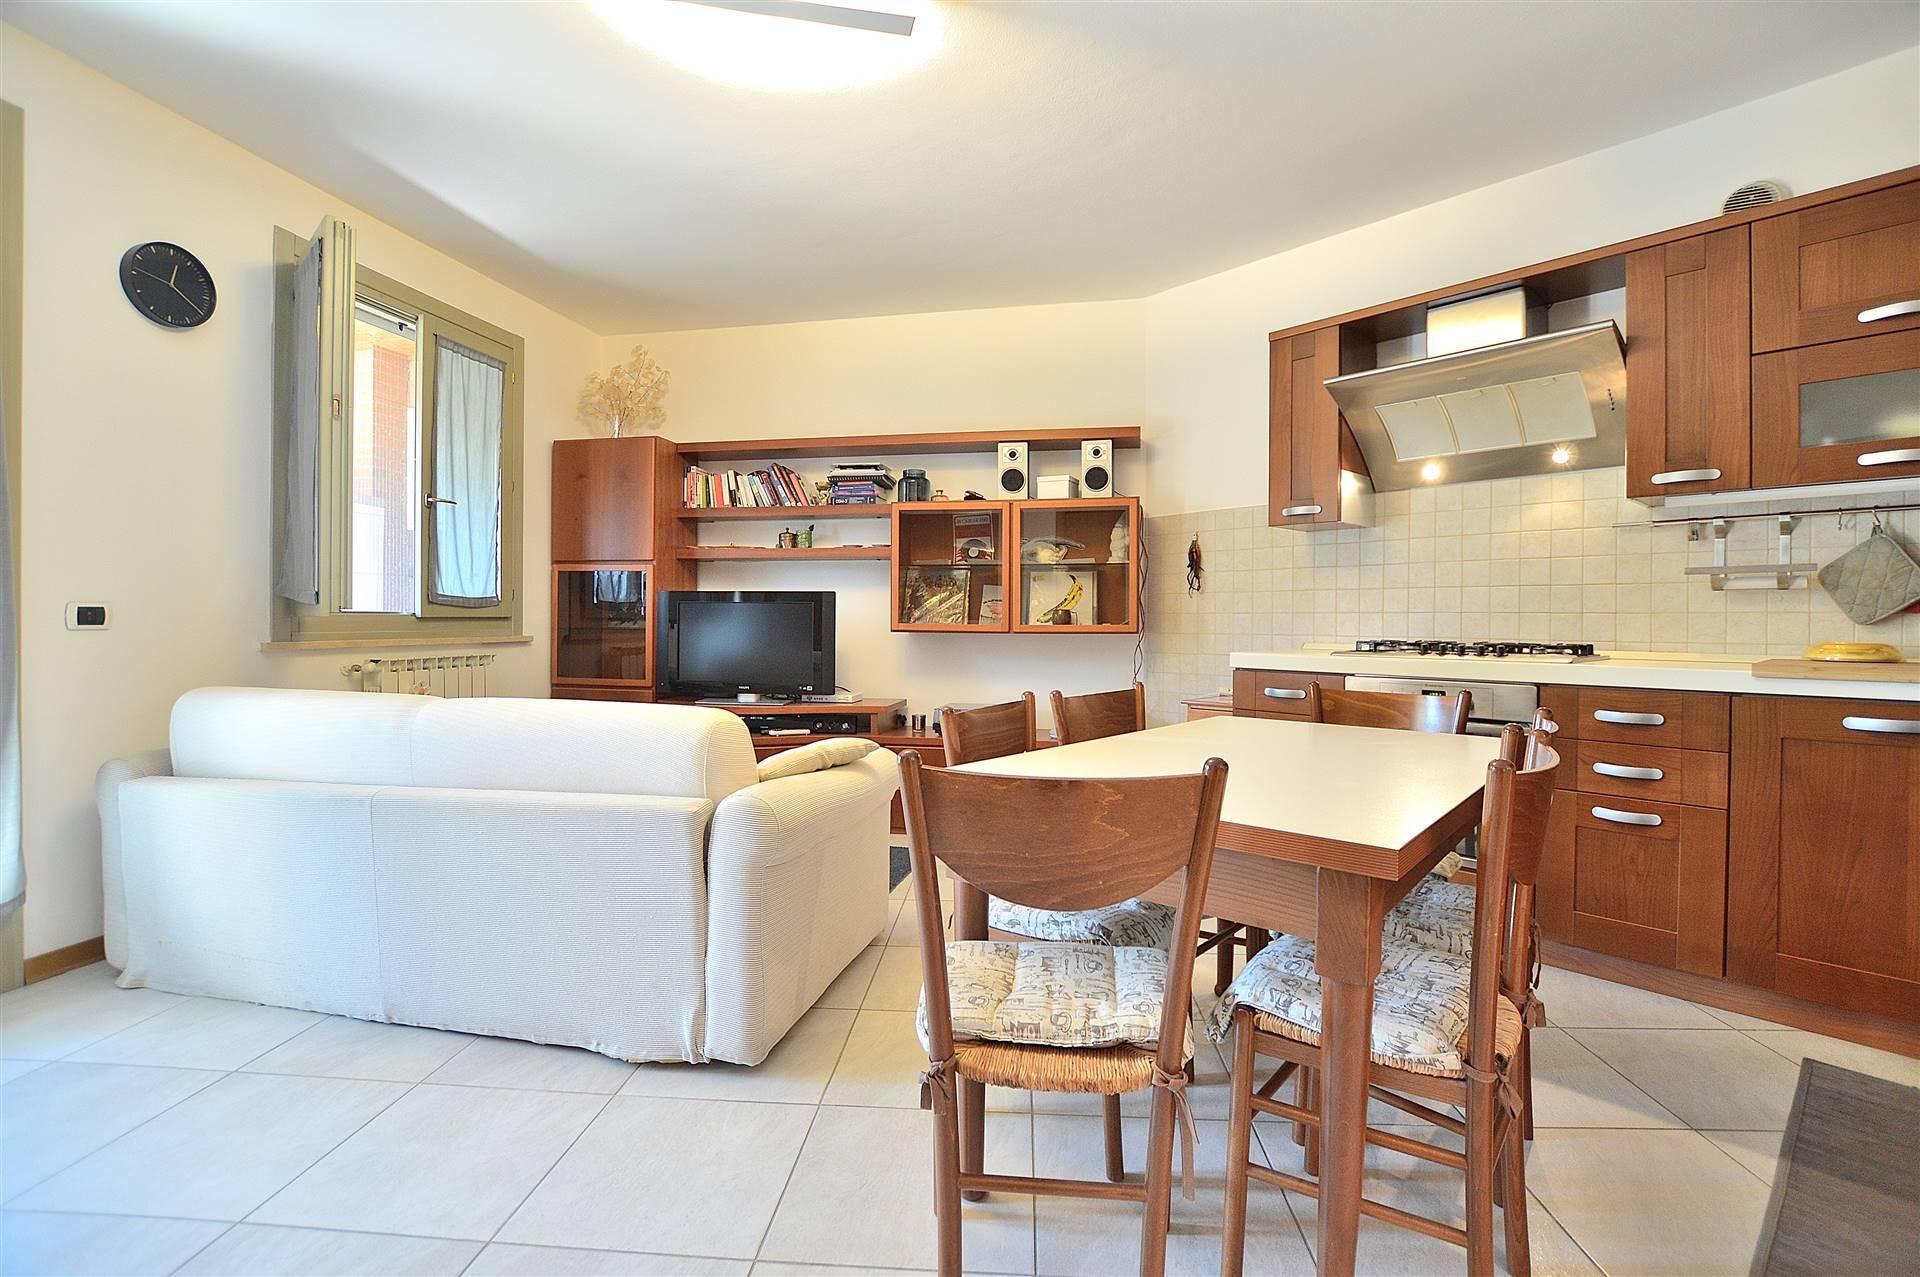 Zona Coroncina, in piacevole contesto residenziale, proponiamo appartamento posto al piano primo con ascensore di una piccola palazzina in mattoni